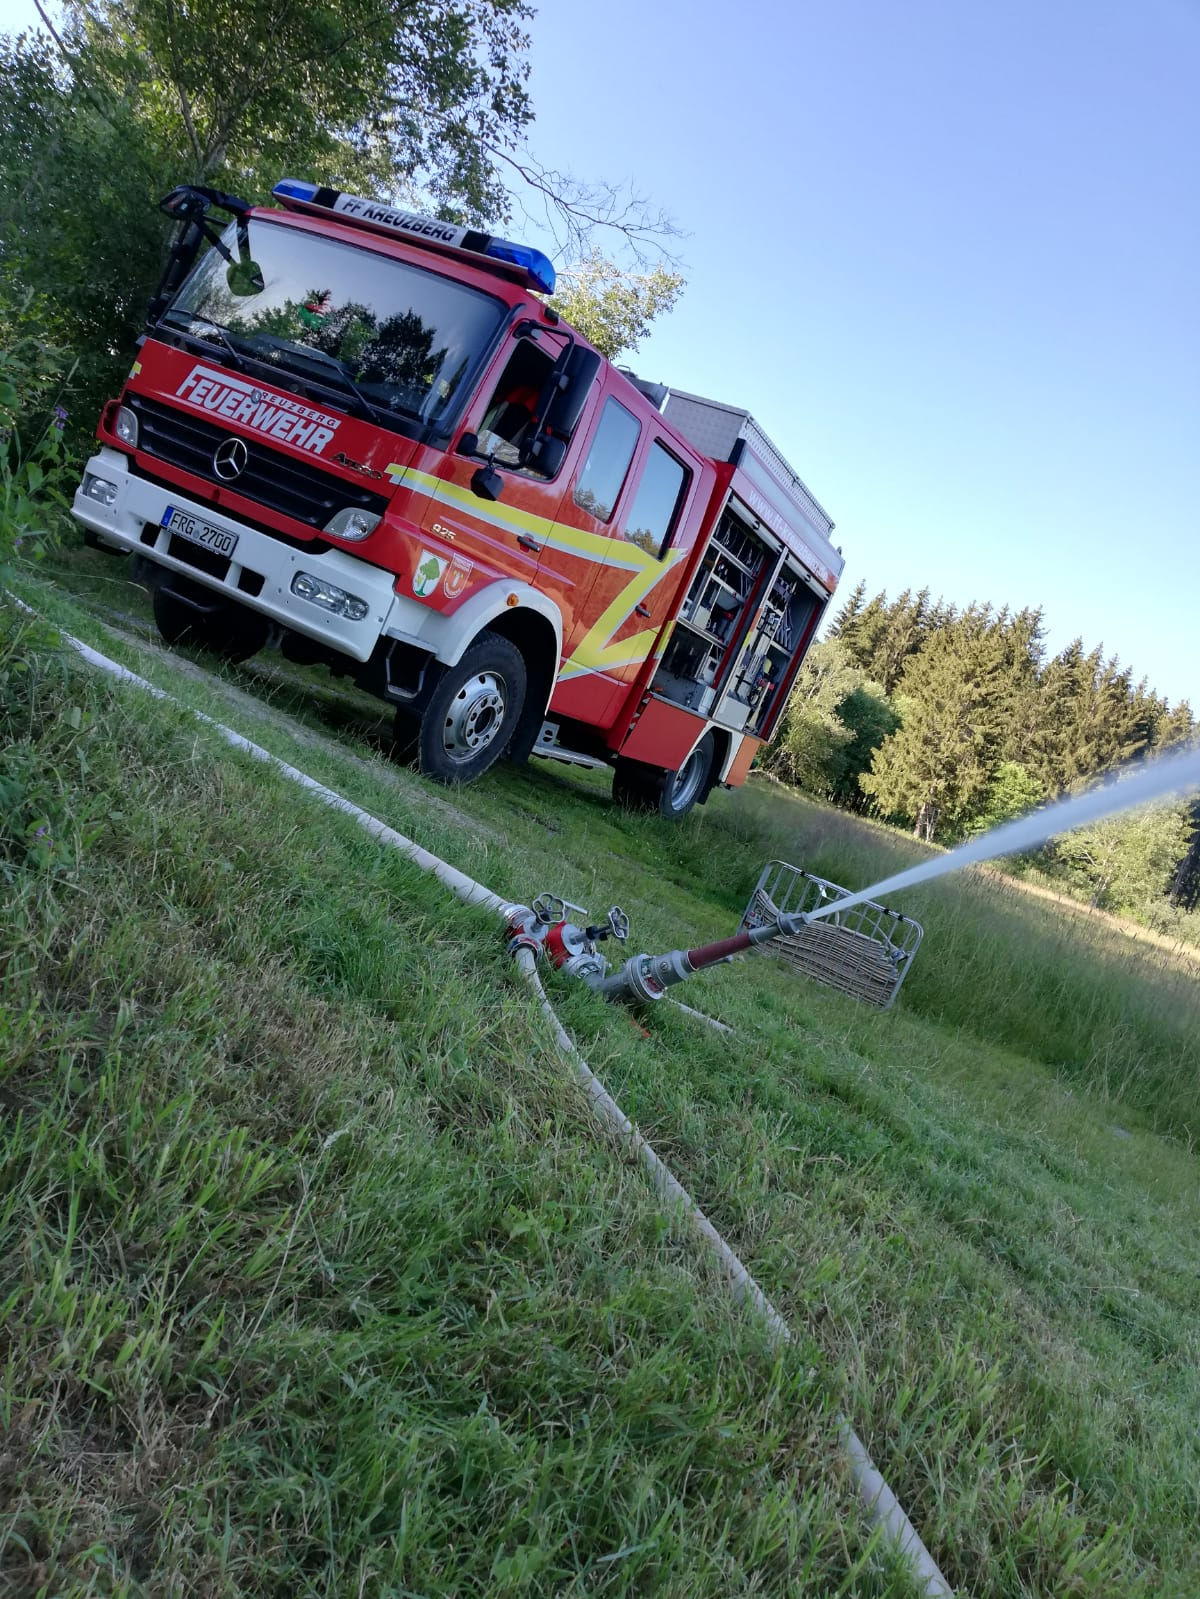 Jugendübung – Improvisierter Wasserwerfer – Unser LF10